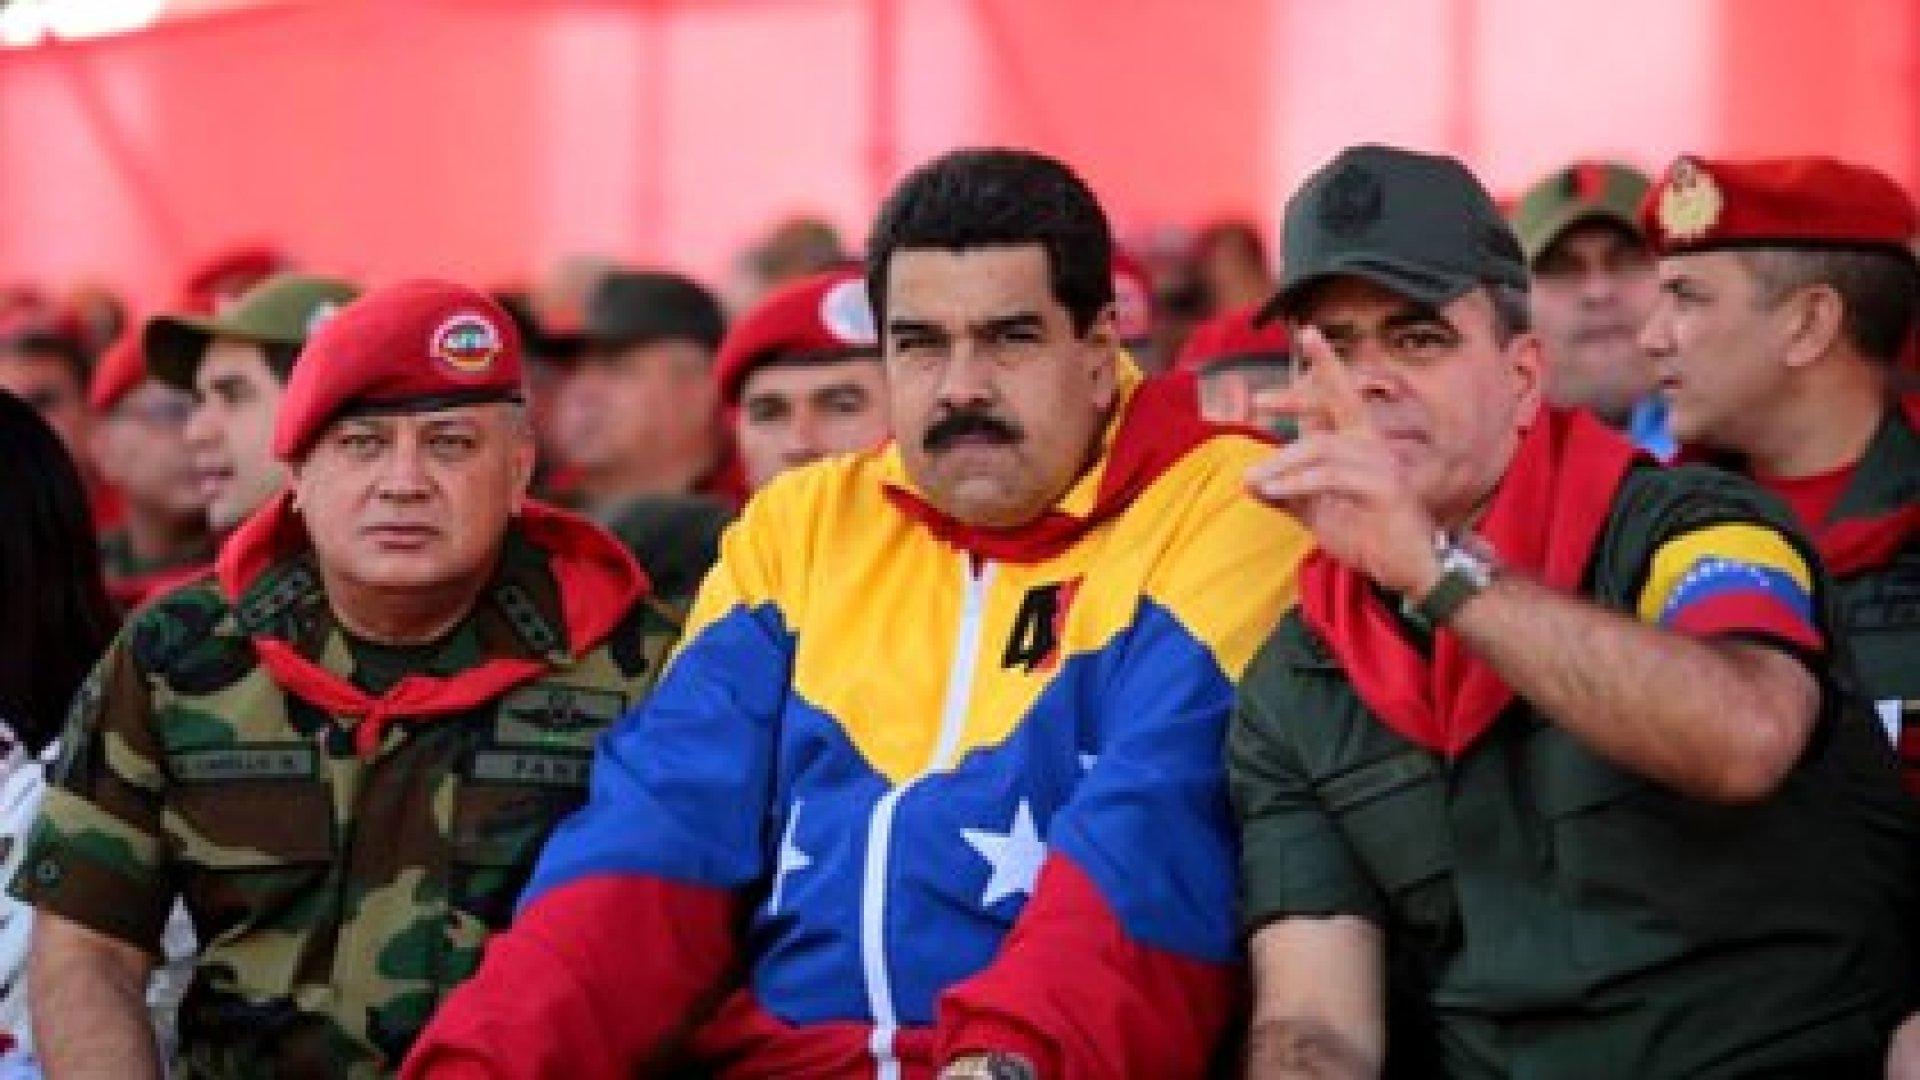 Nicolás Maduro y la cúpula chavista están acusados de narcoterrorismo por el Departamento de Justicia de EEUU